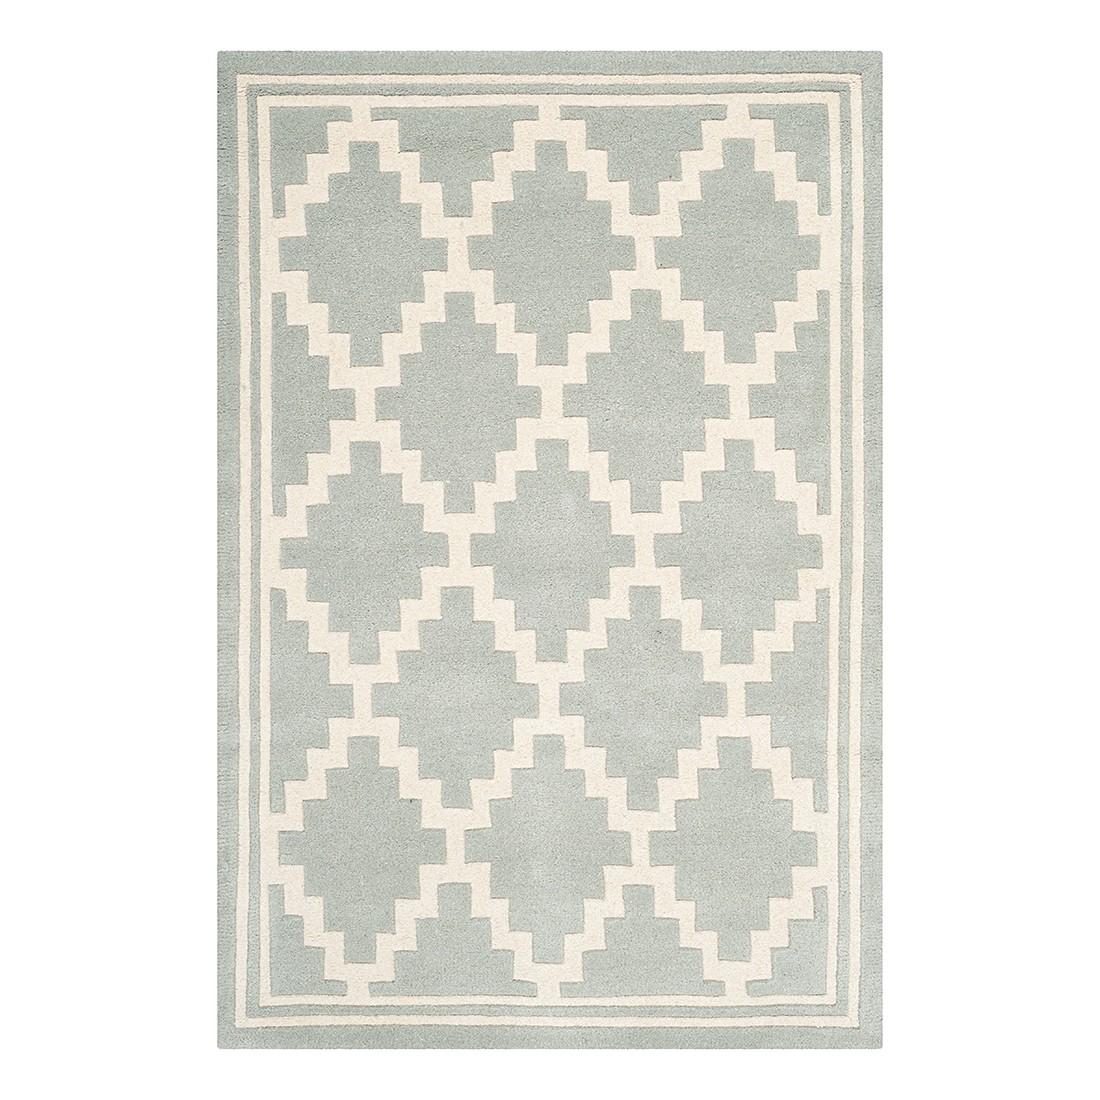 Teppich Langley – Grau/Elfenbein – Maße:  152 x 243  cm, Safavieh günstig